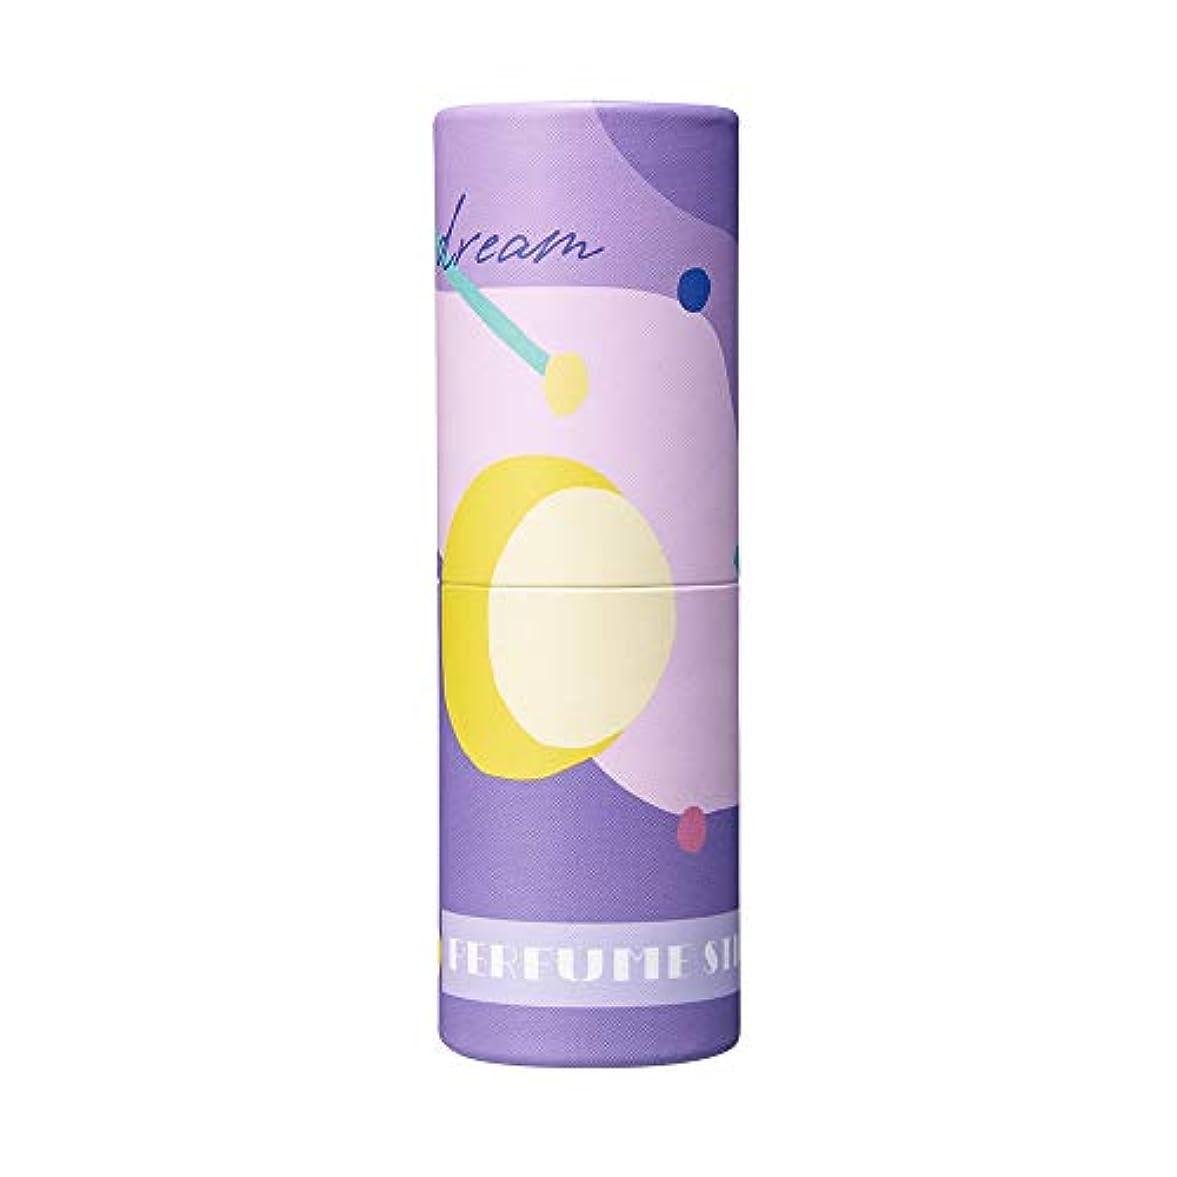 アイデアベッツィトロットウッド闘争パフュームスティック ドリーム ペア&ピーチの香り オリジナルデザイン 5g